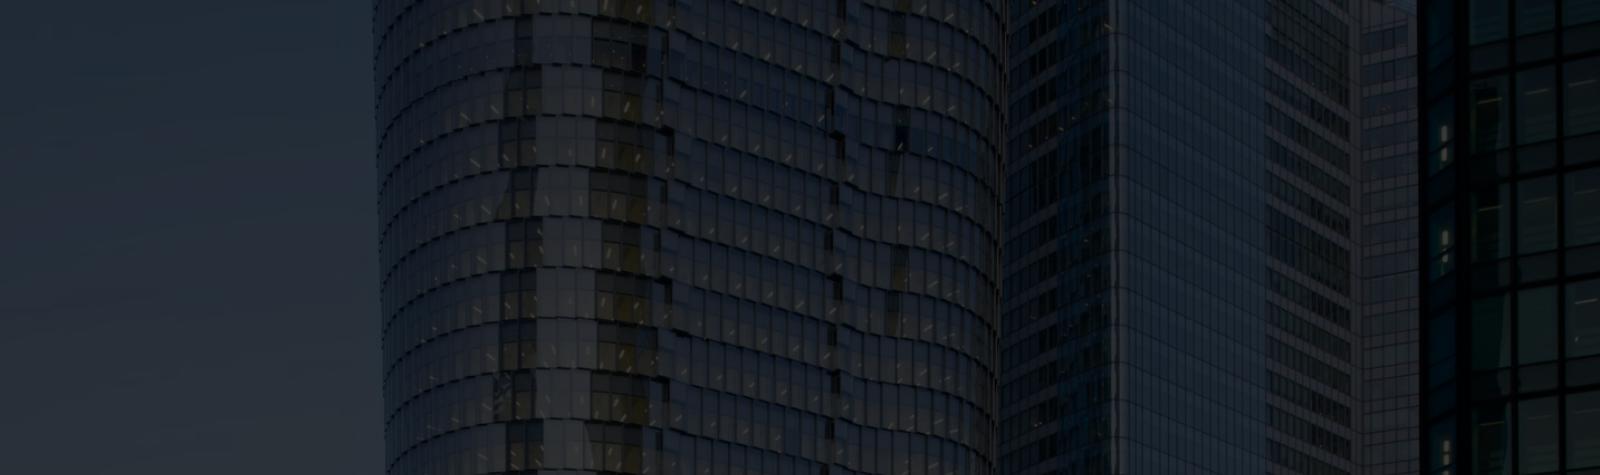 Près de 6 500 m2 supplémentaires loués au sein de la tour ALTO à Paris La Défense